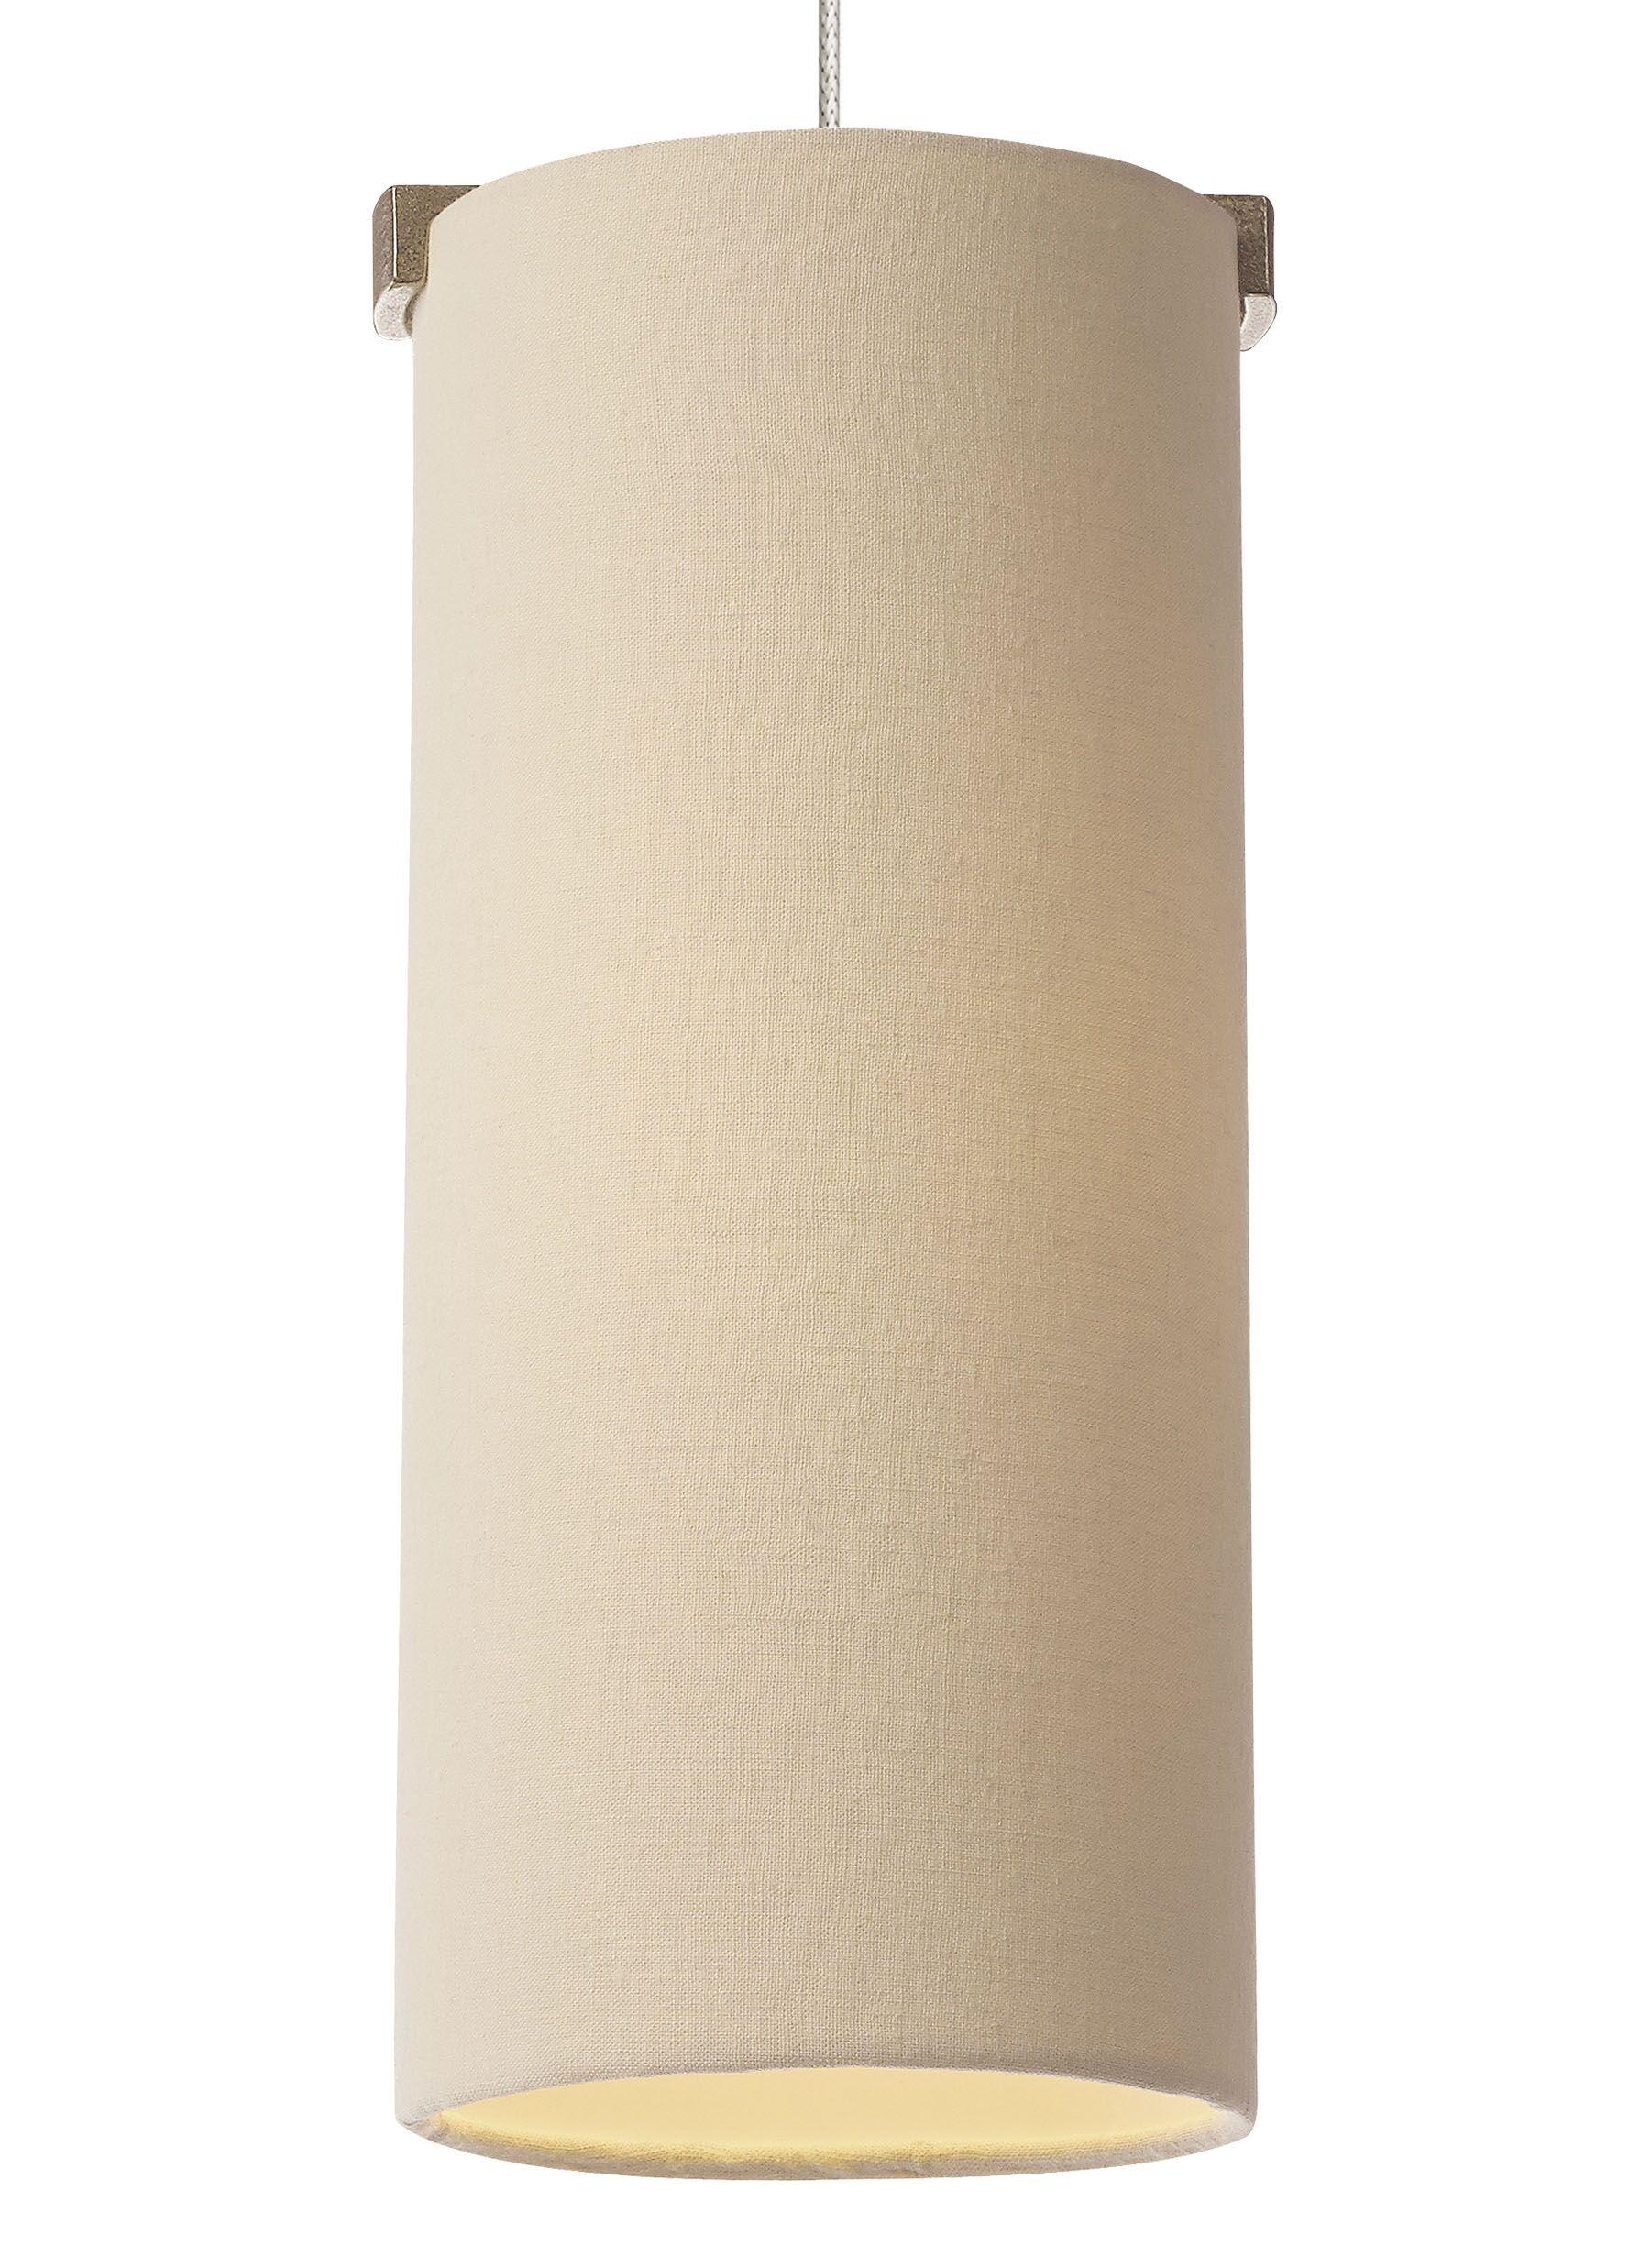 Boreal 1-Light Cylinder Pendant Base Finish: Antique Bronze, Bulb Type: 90 CRI 3000K LED